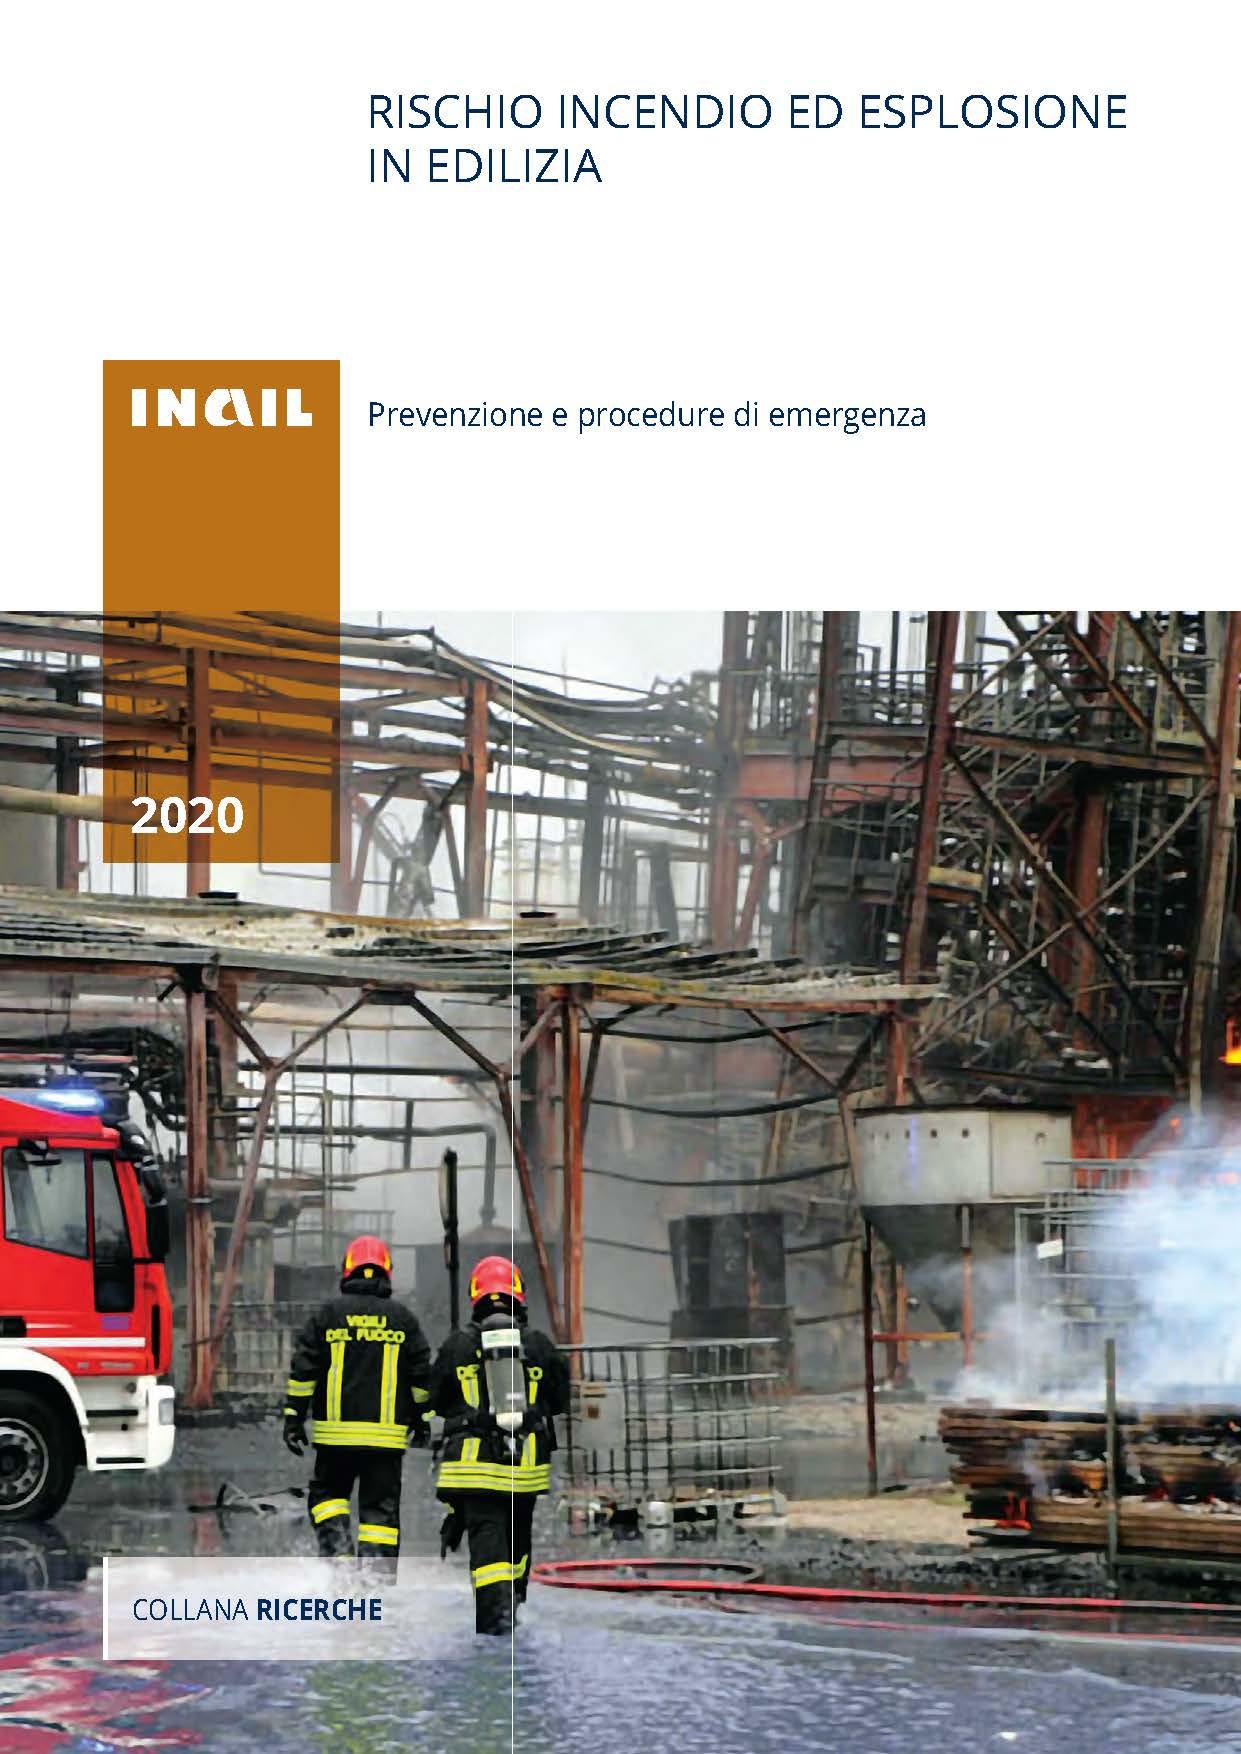 Rischio incendio ed esplosione in edilizia.